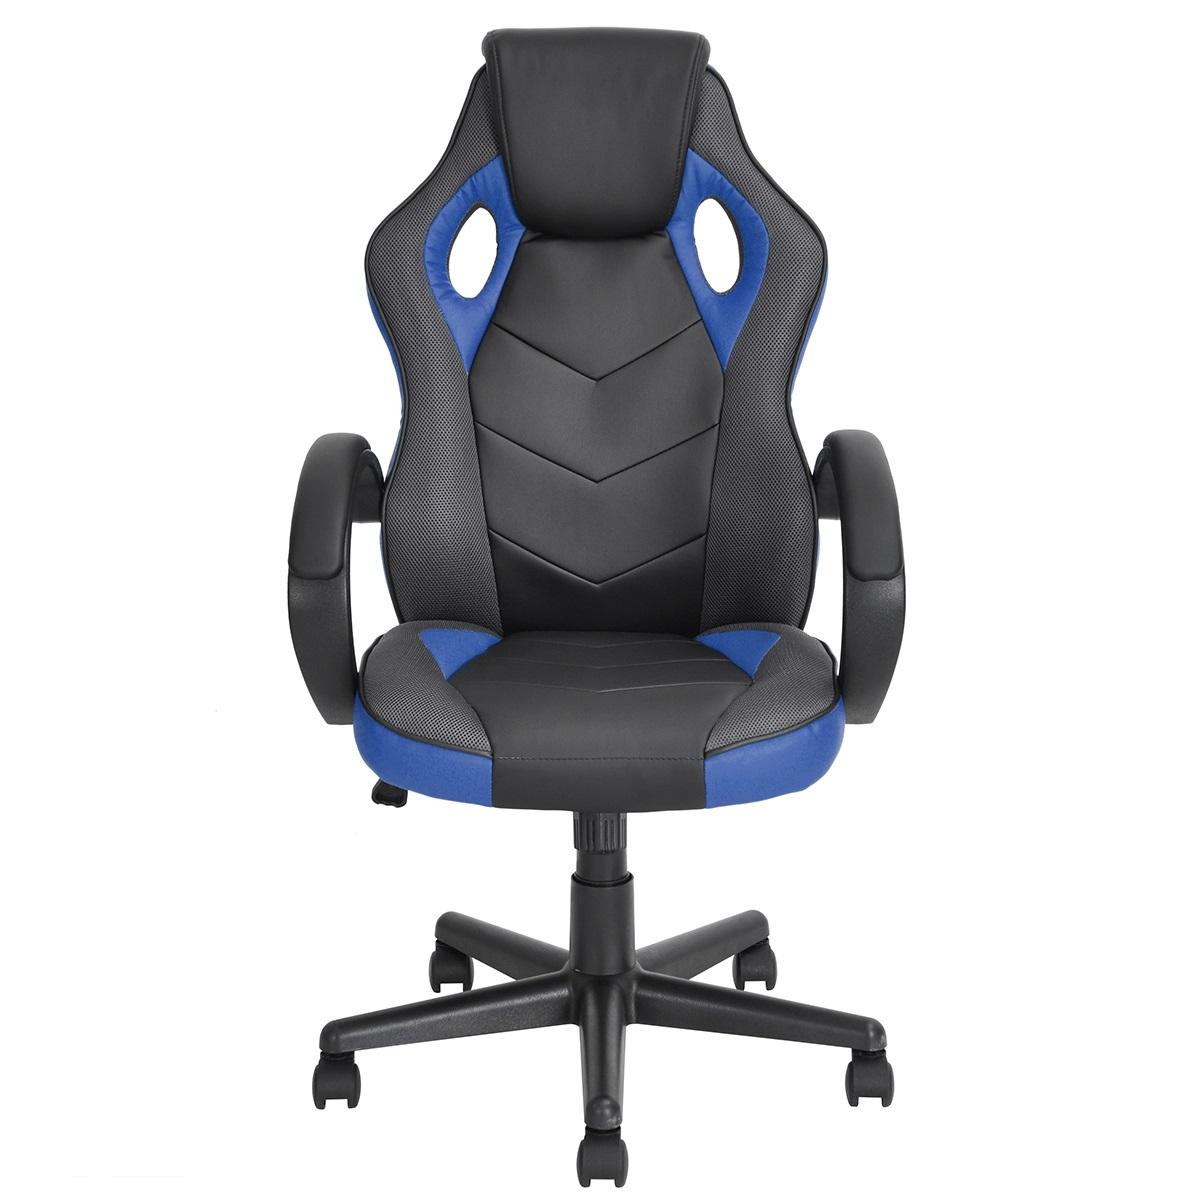 כסא סופר-גיימר Homax מעוצב לבית או למשרד לישיבה ממושכת ונוחה במגוון צבעים לבחירה - תמונה 3